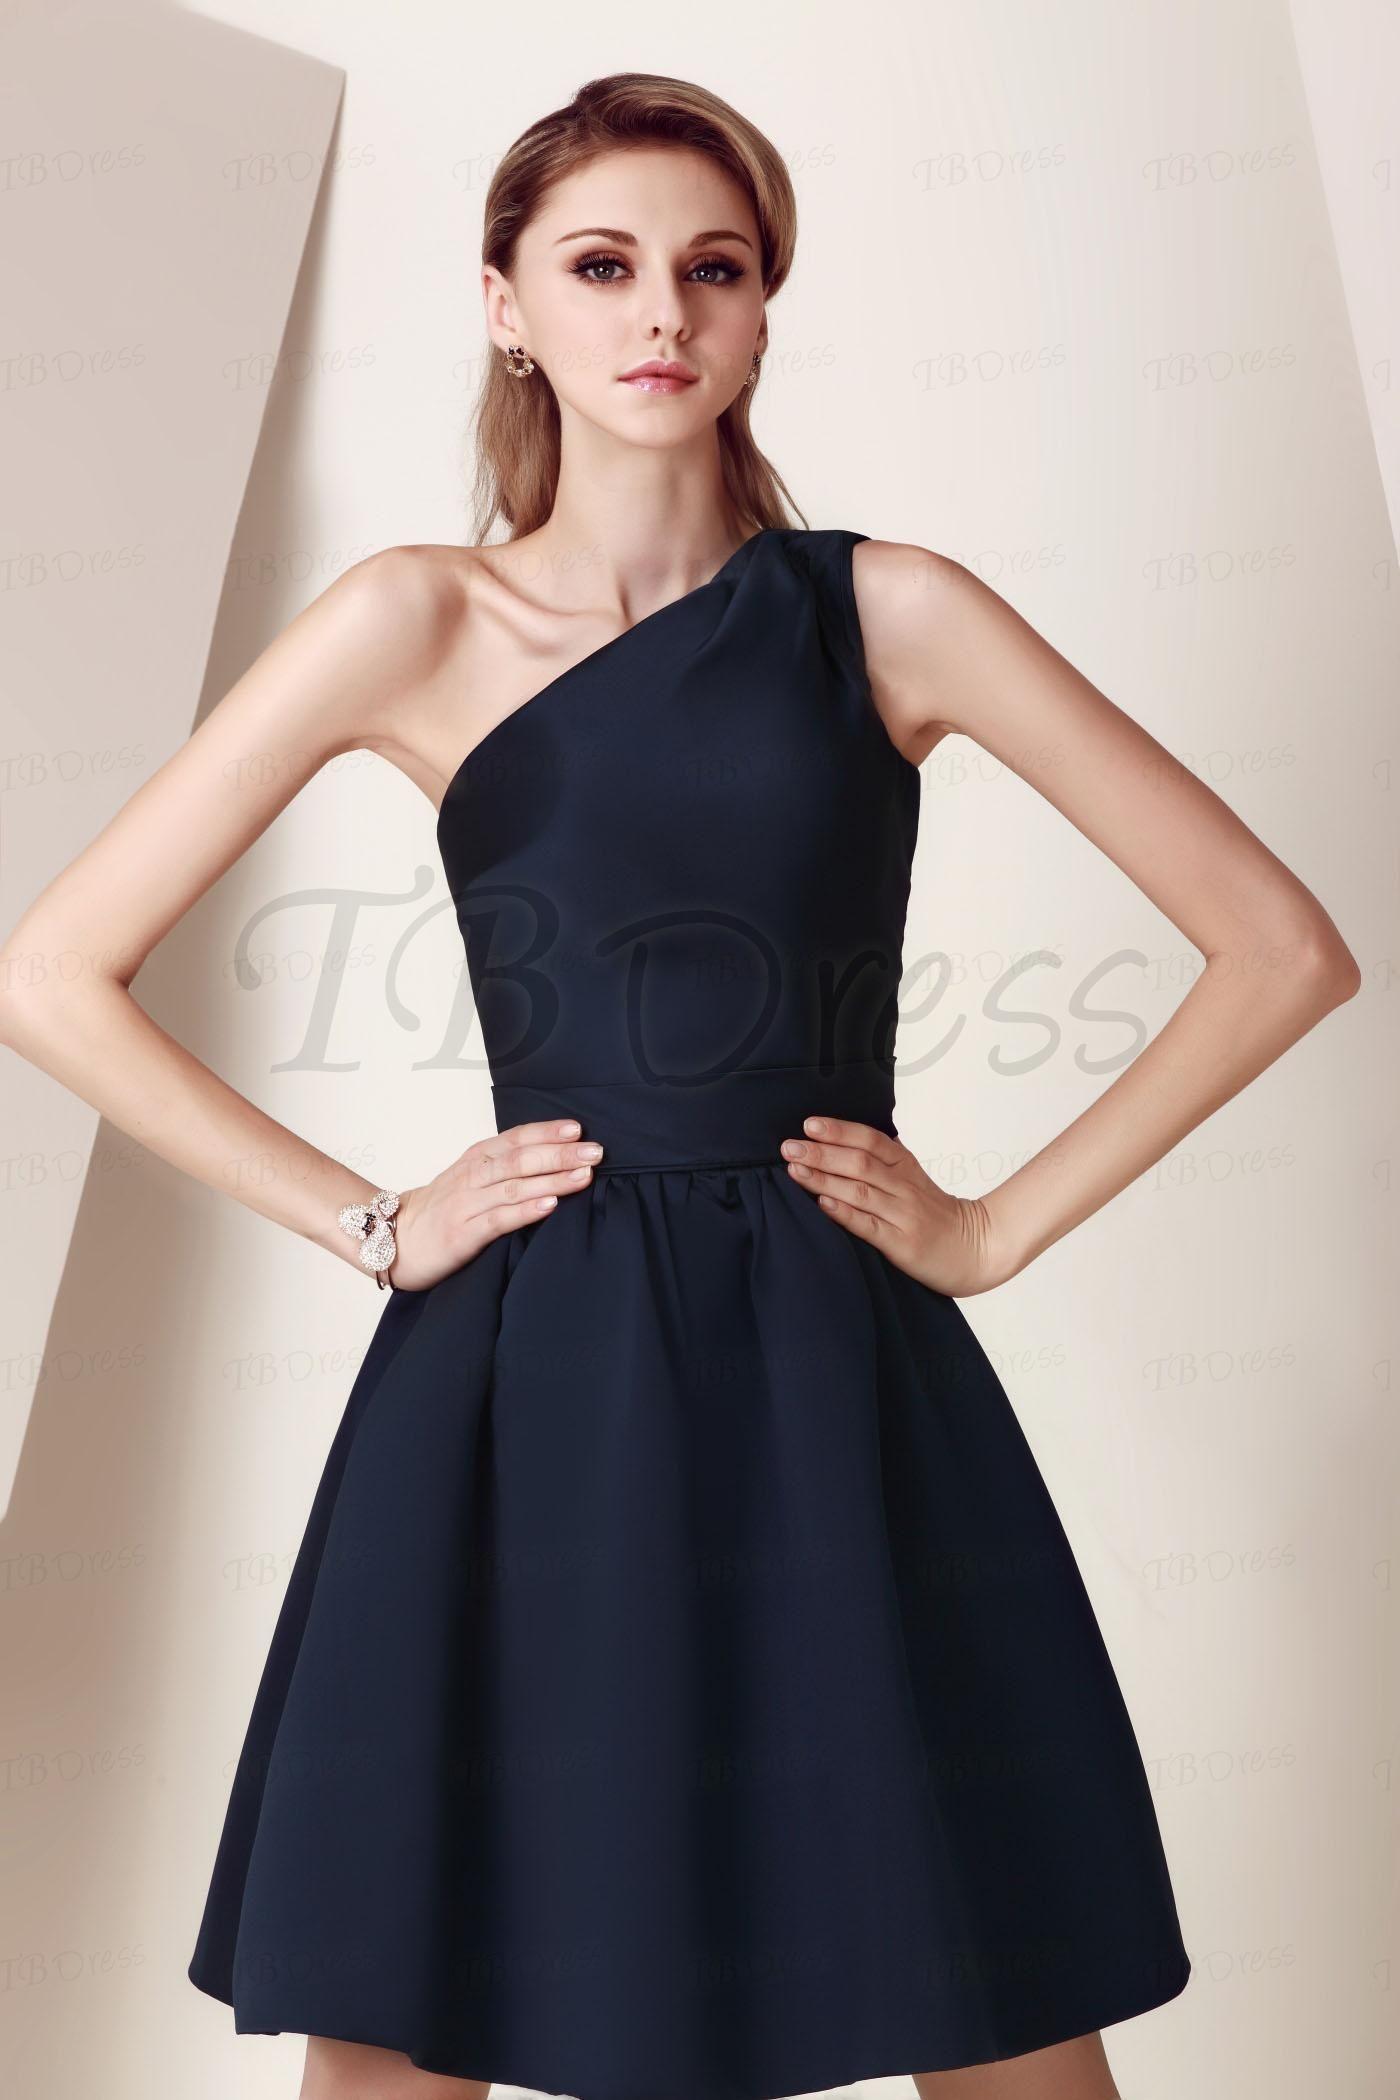 Aline oneshoulder short bridesmaid dress shoulder shorts and